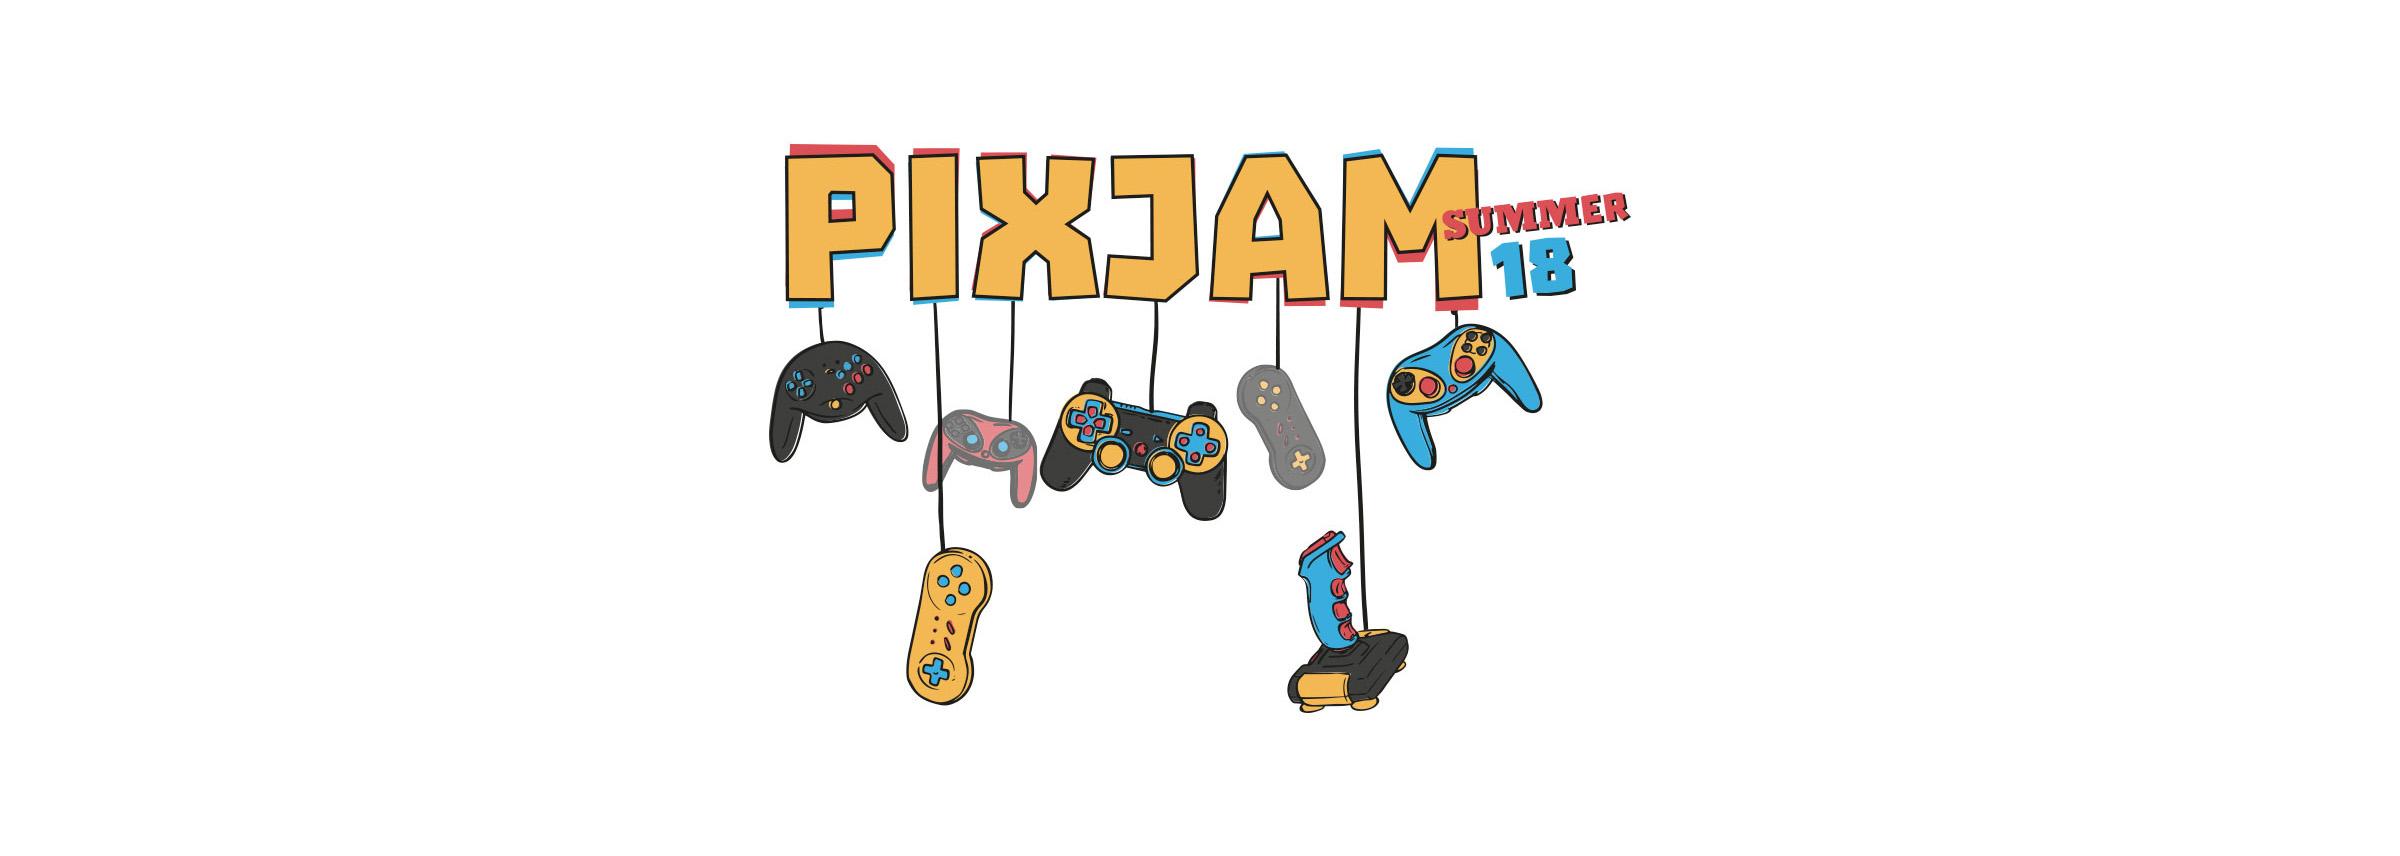 Второй PixJam внутри компании: новые концепты и работа над ошибками